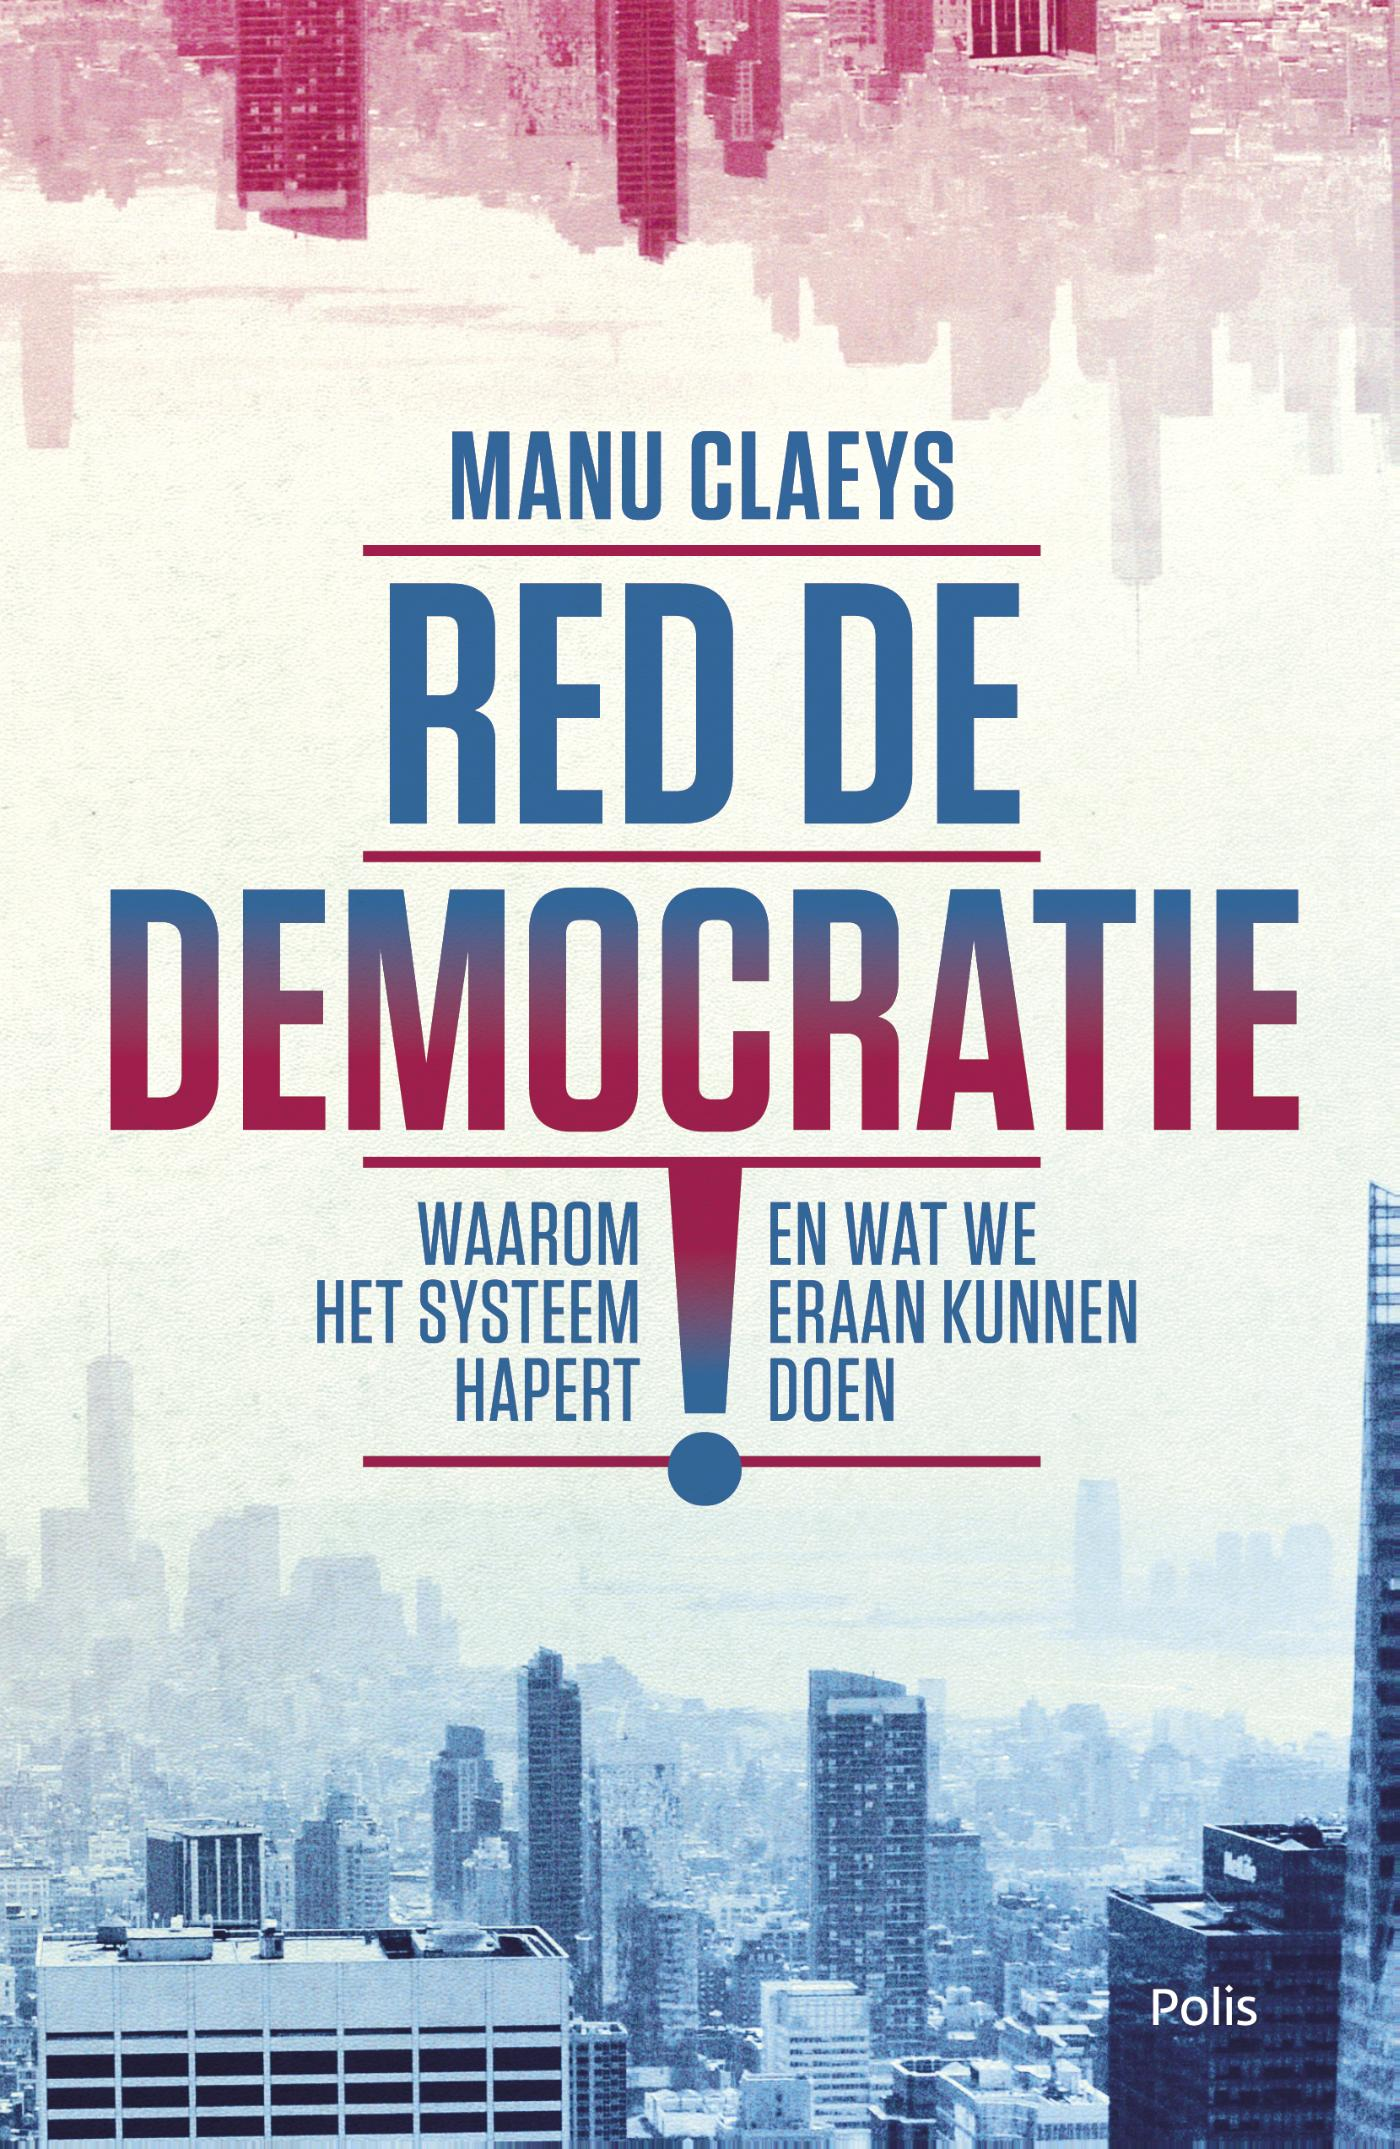 Red de democratie!